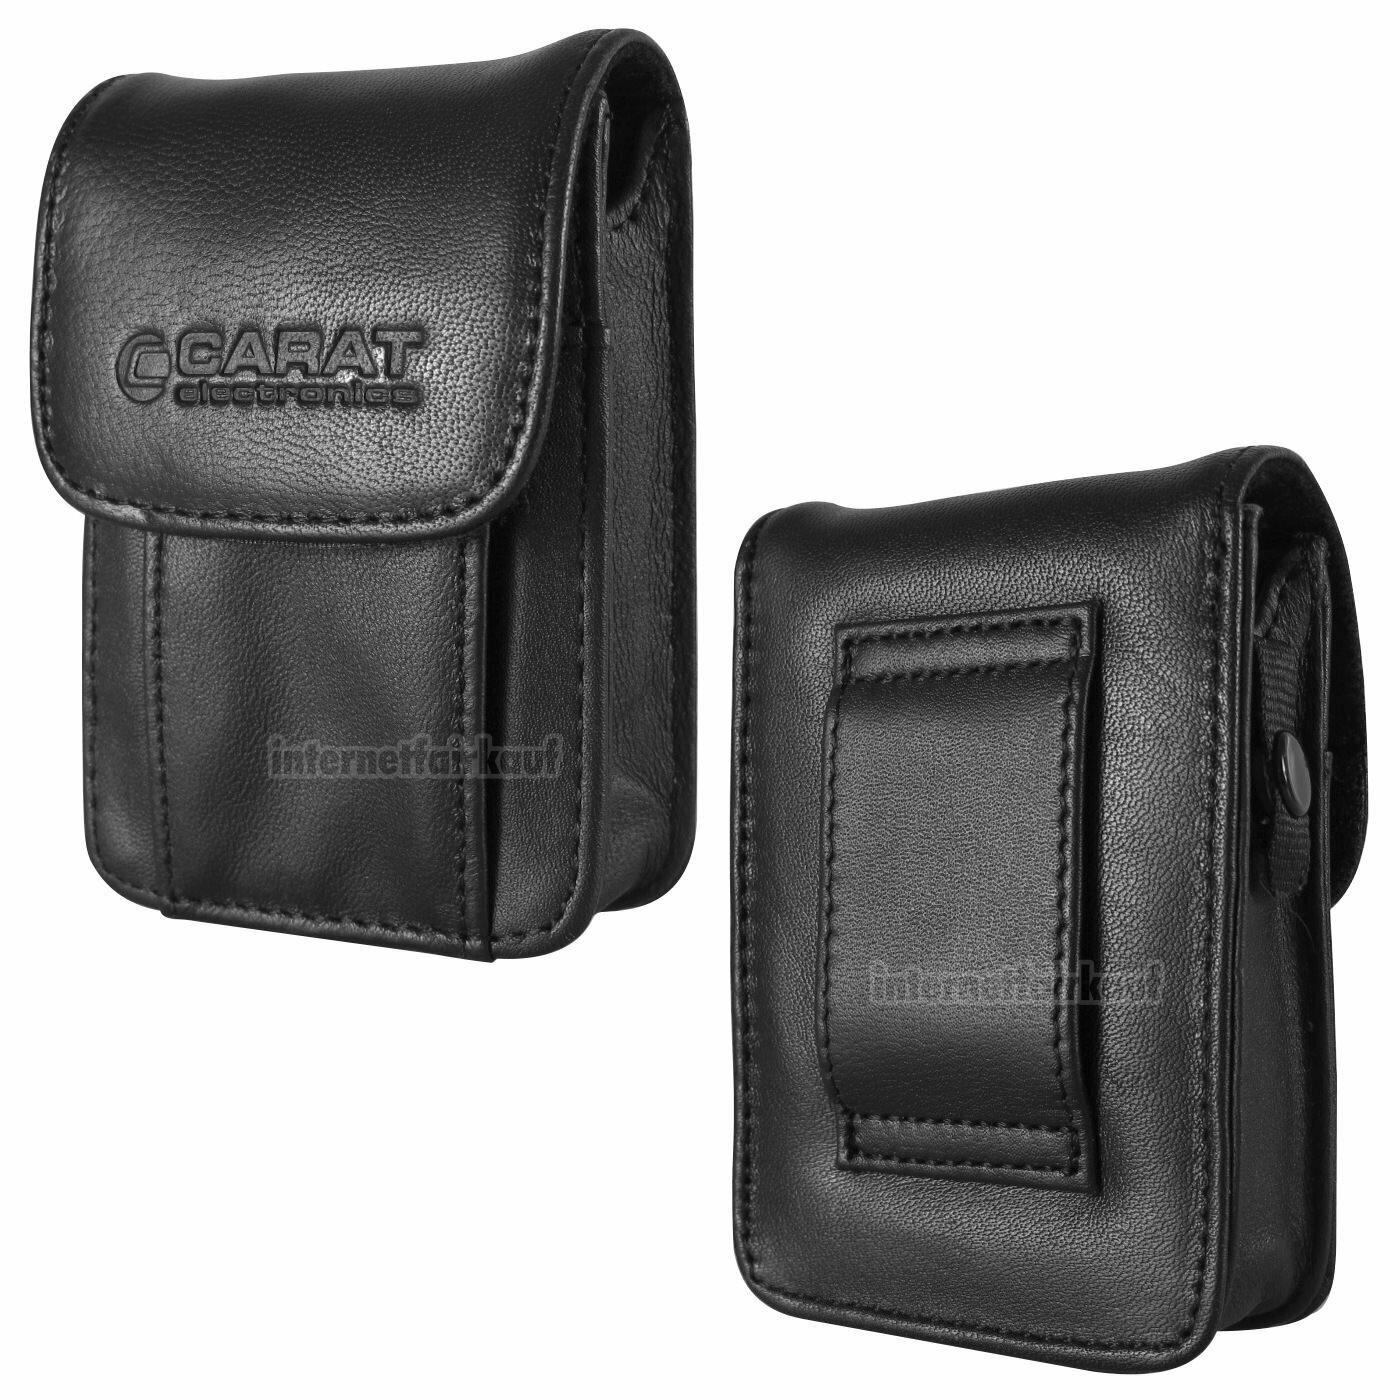 Gürteltasche Kameratasche passend für Canon IXUS 130 105  - Leder Etui